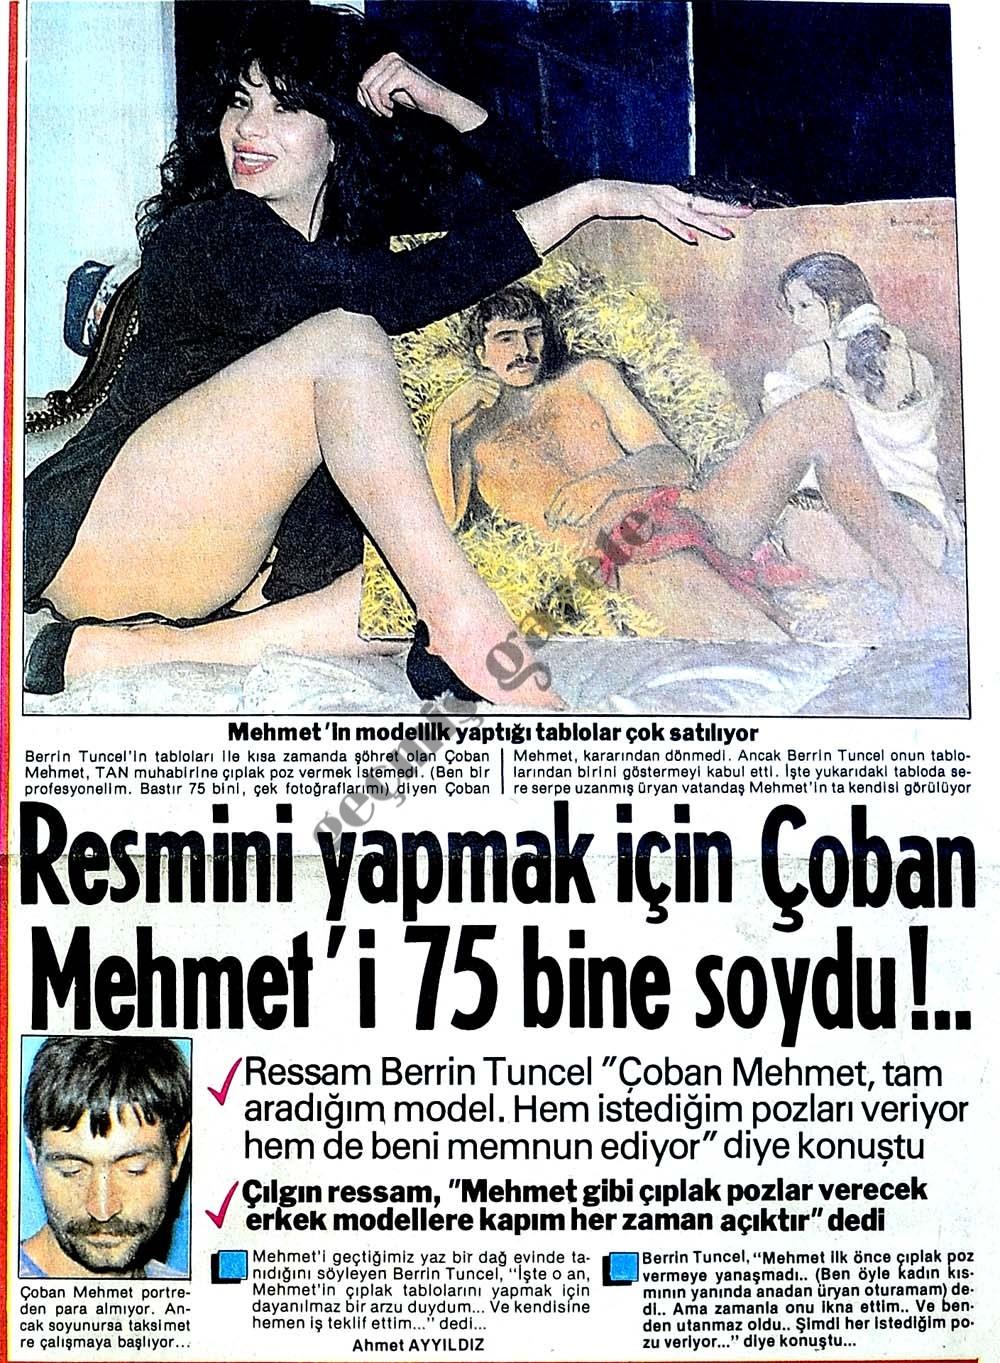 Çoban Mehmet'i 75 bine soydu